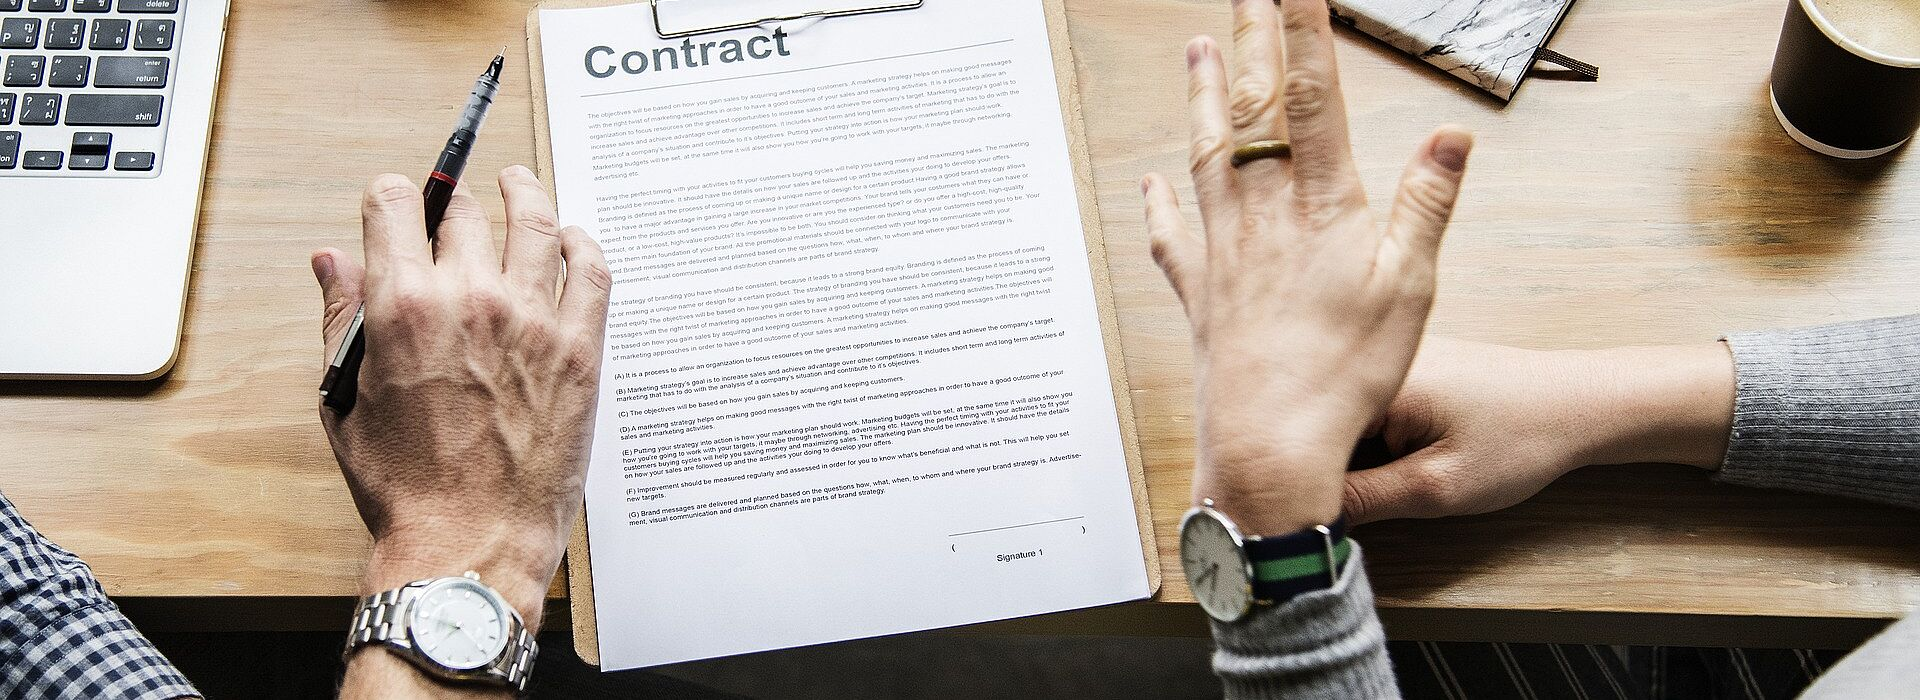 """pessoas discutindo em uma mesa com computador e papel onde se lê """"contrato"""" em inglês"""